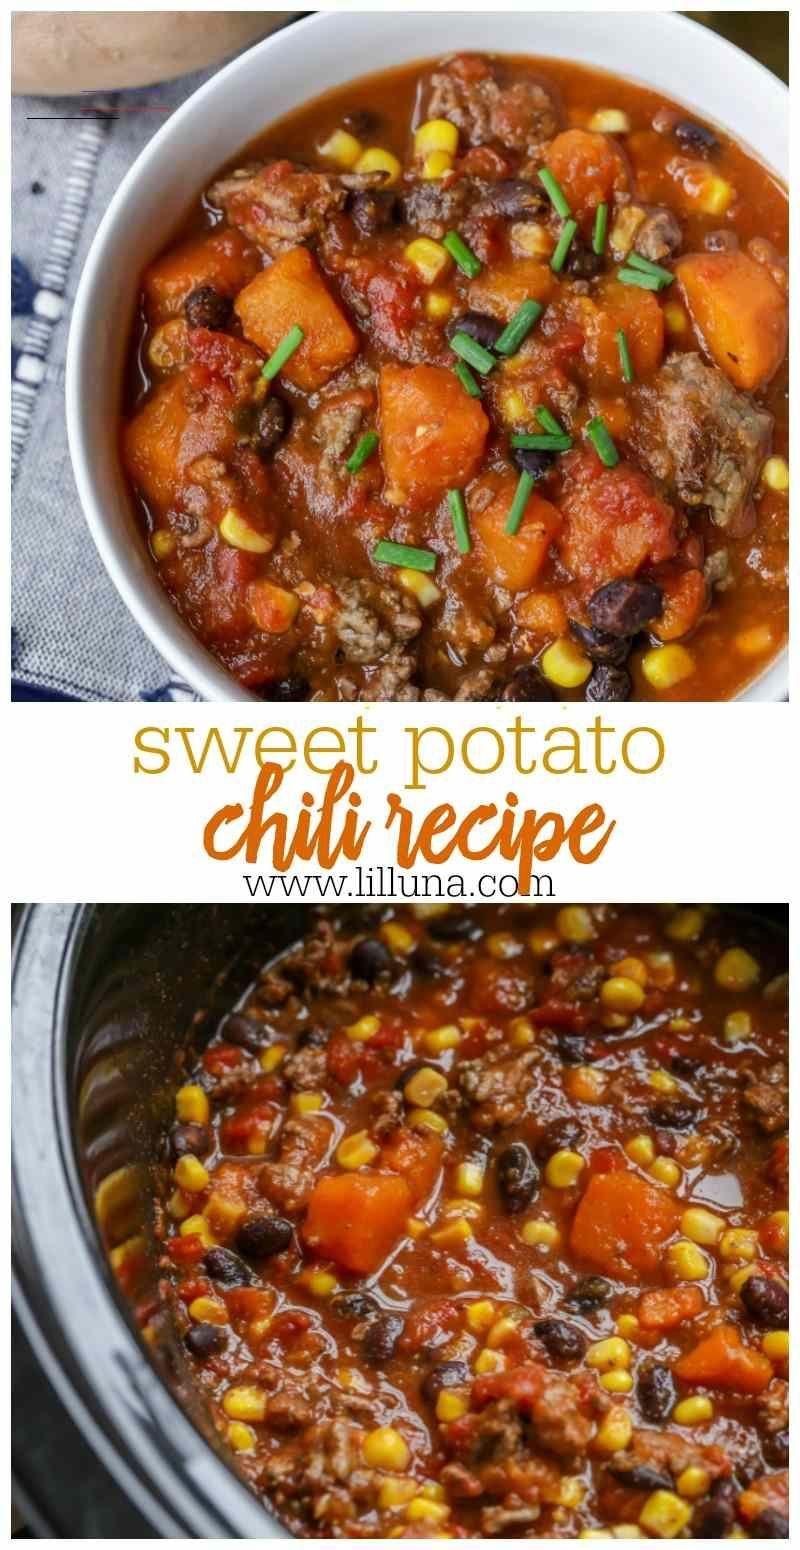 Sweet Potato Chili Recipe Sweet Savory Lil Luna Chilirecipe Hearty And Filling Sweet Potato Chili En 2020 Recette Piment Recette Lasagne Plat Sans Viande